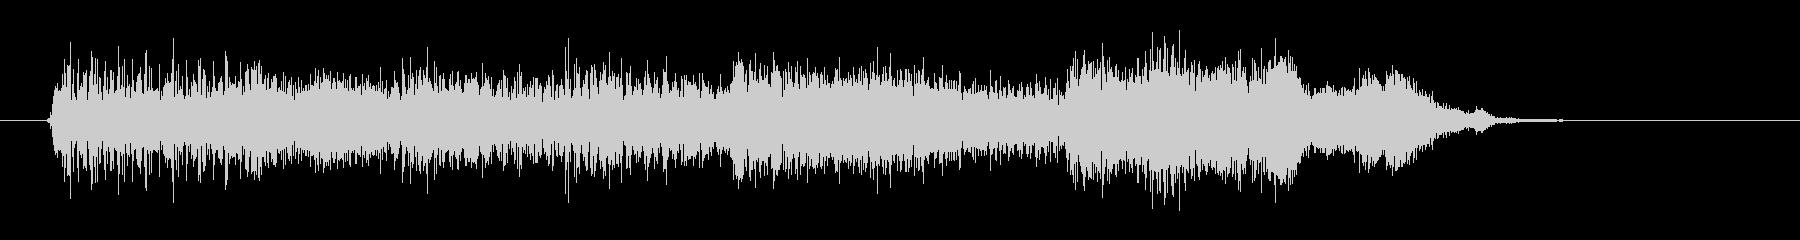 電子音/ピコピコ/決定/選択の未再生の波形